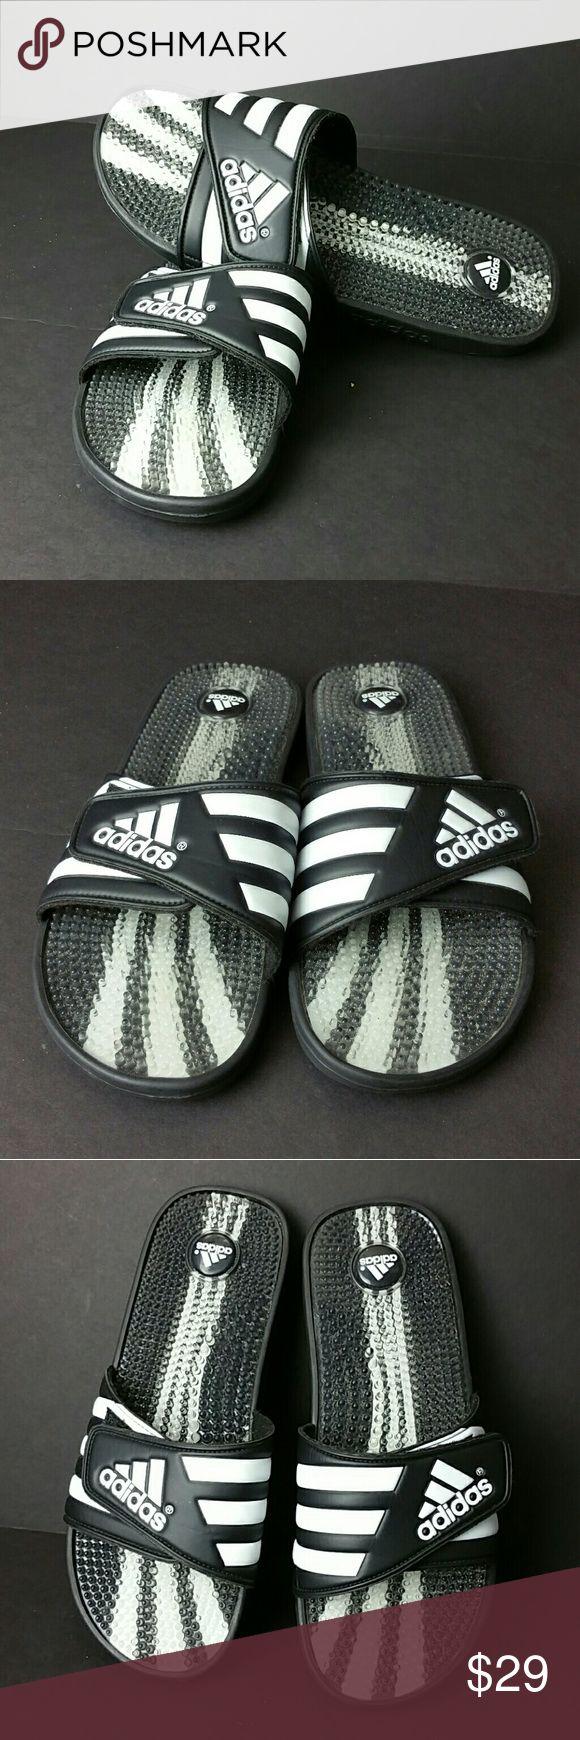 ADIDAS MEN'S SANDALS VERY CLEAN INSIDE-OUT   SKE # MC ADIDAS Shoes Sandals & Flip-Flops